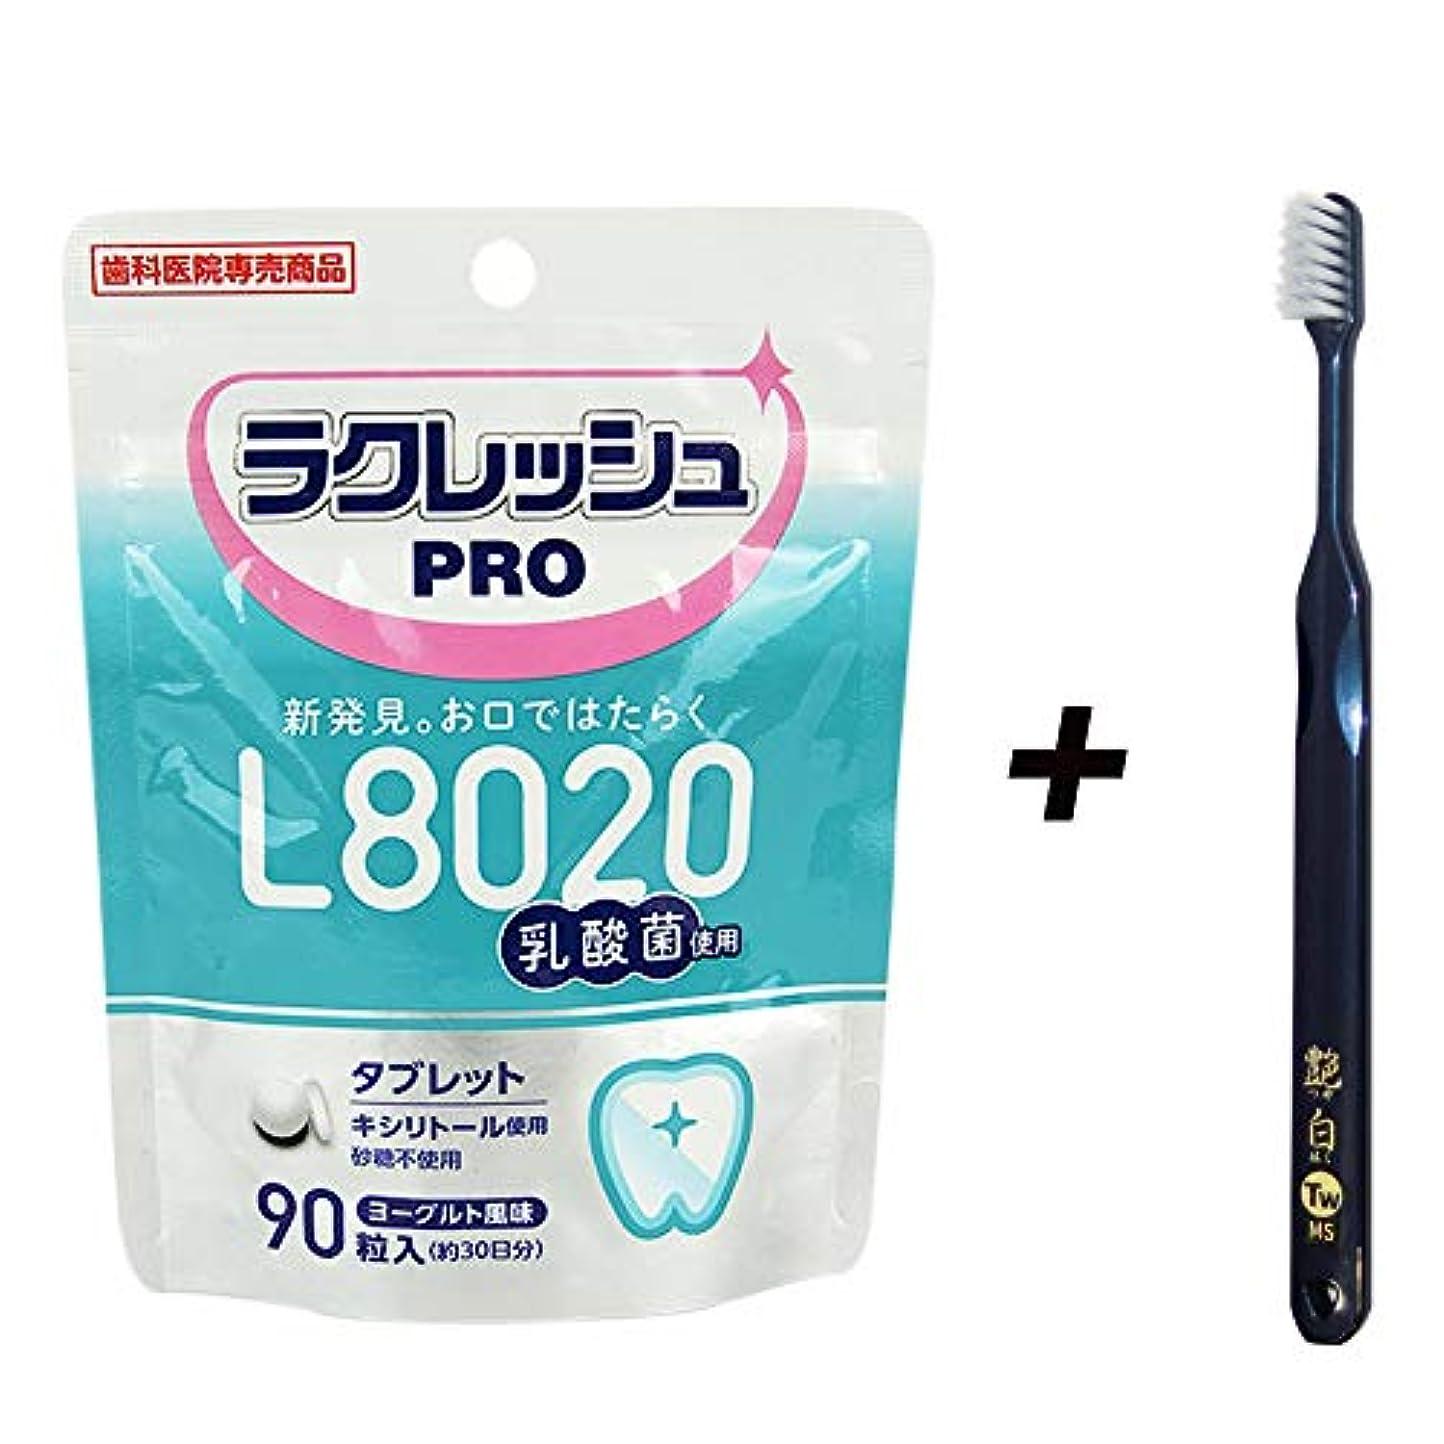 ファーザーファージュとんでもない修理工L8020 乳酸菌 ラクレッシュ PRO タブレット 90粒×1袋 + 日本製歯ブラシ 艶白(つやはく)ツイン ハブラシ 1本 MS(やややわらかめ) 歯科医院取扱品